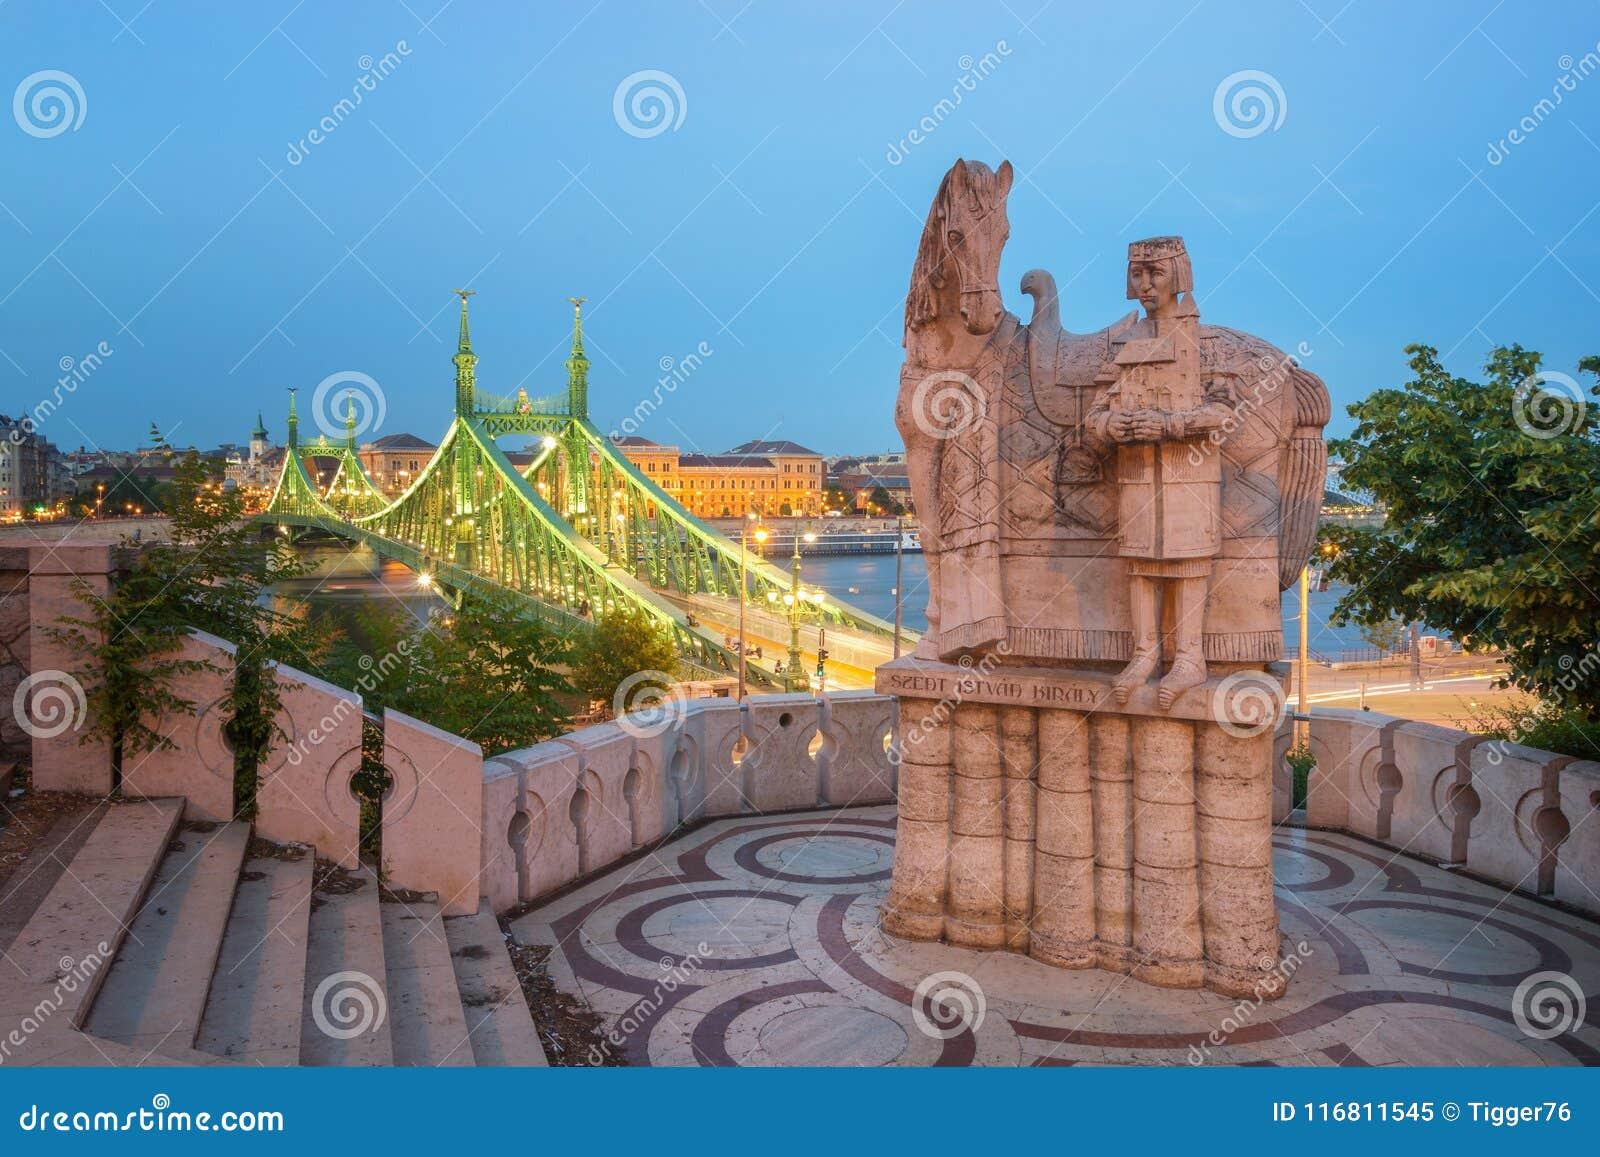 Statua di Stefano I alla collina di Gellert